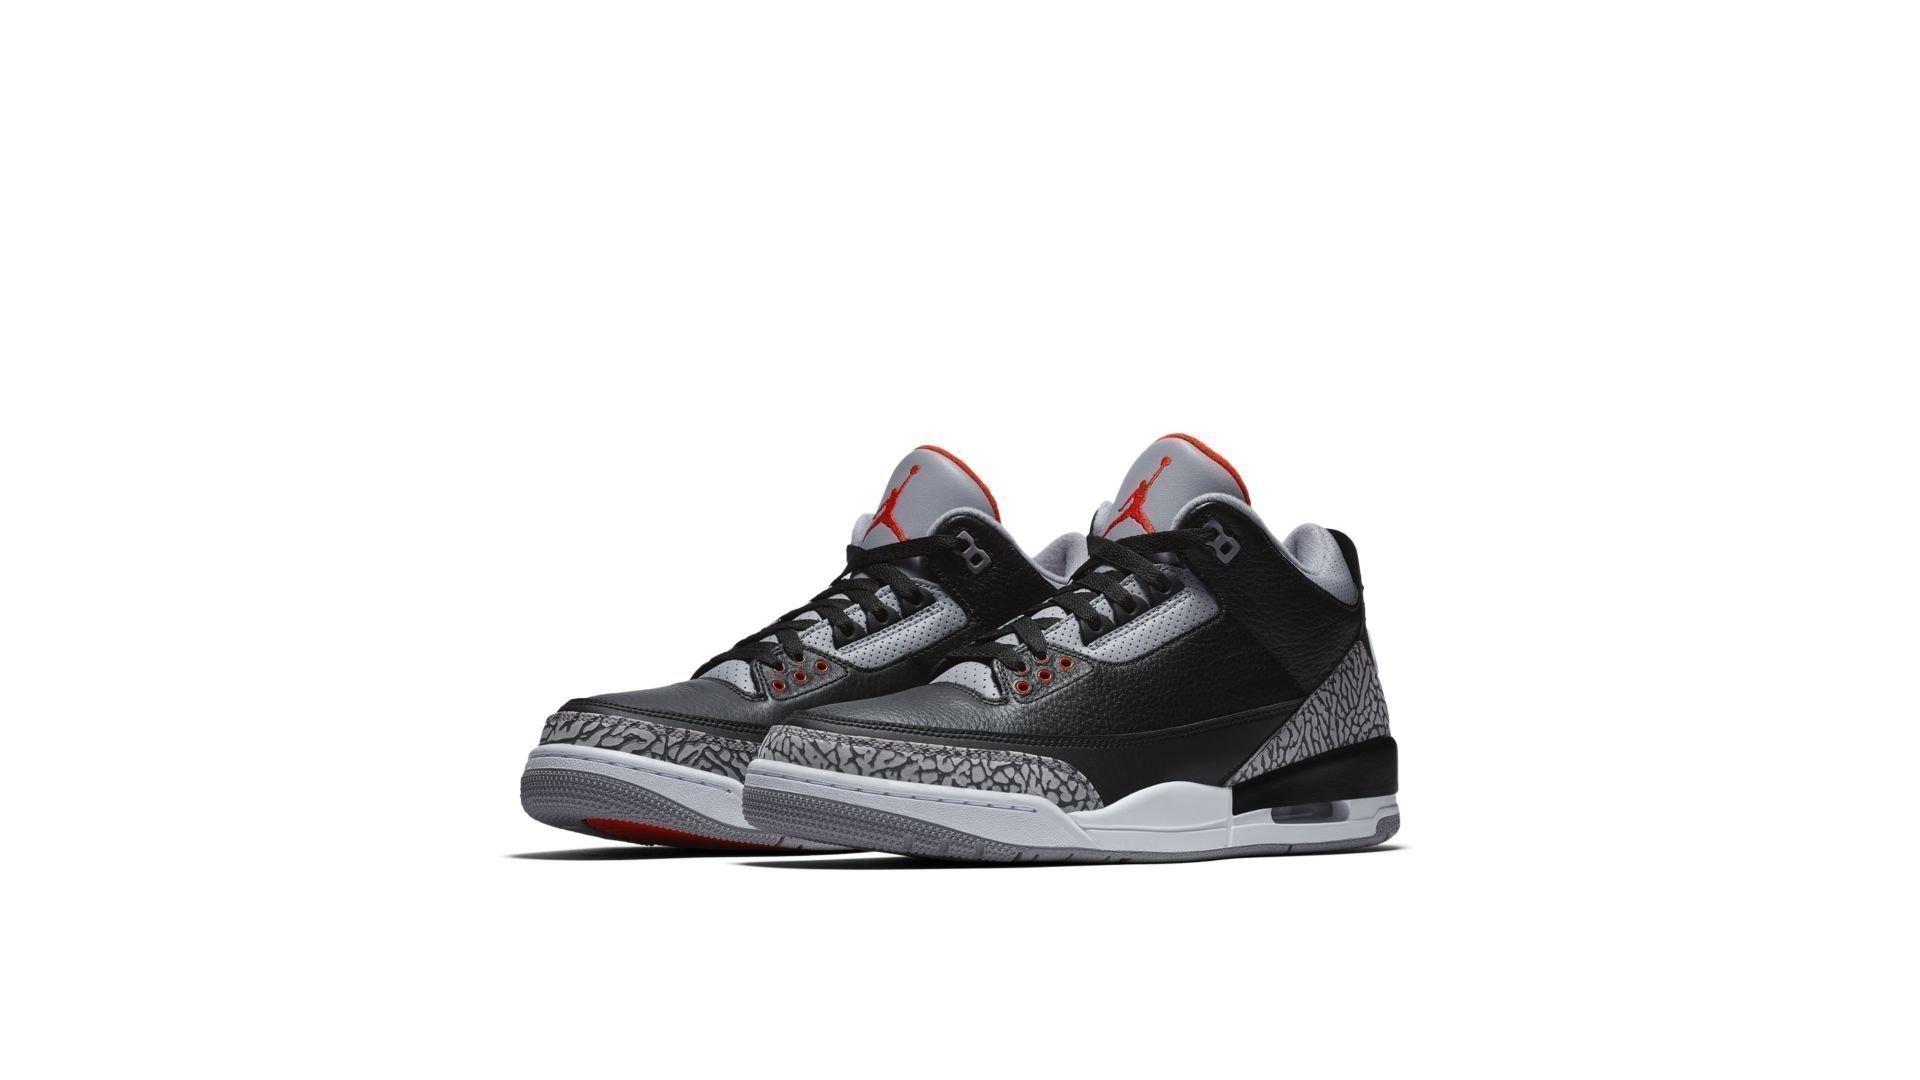 Jordan 3 Retro Black Cement (2018) (854262-001)